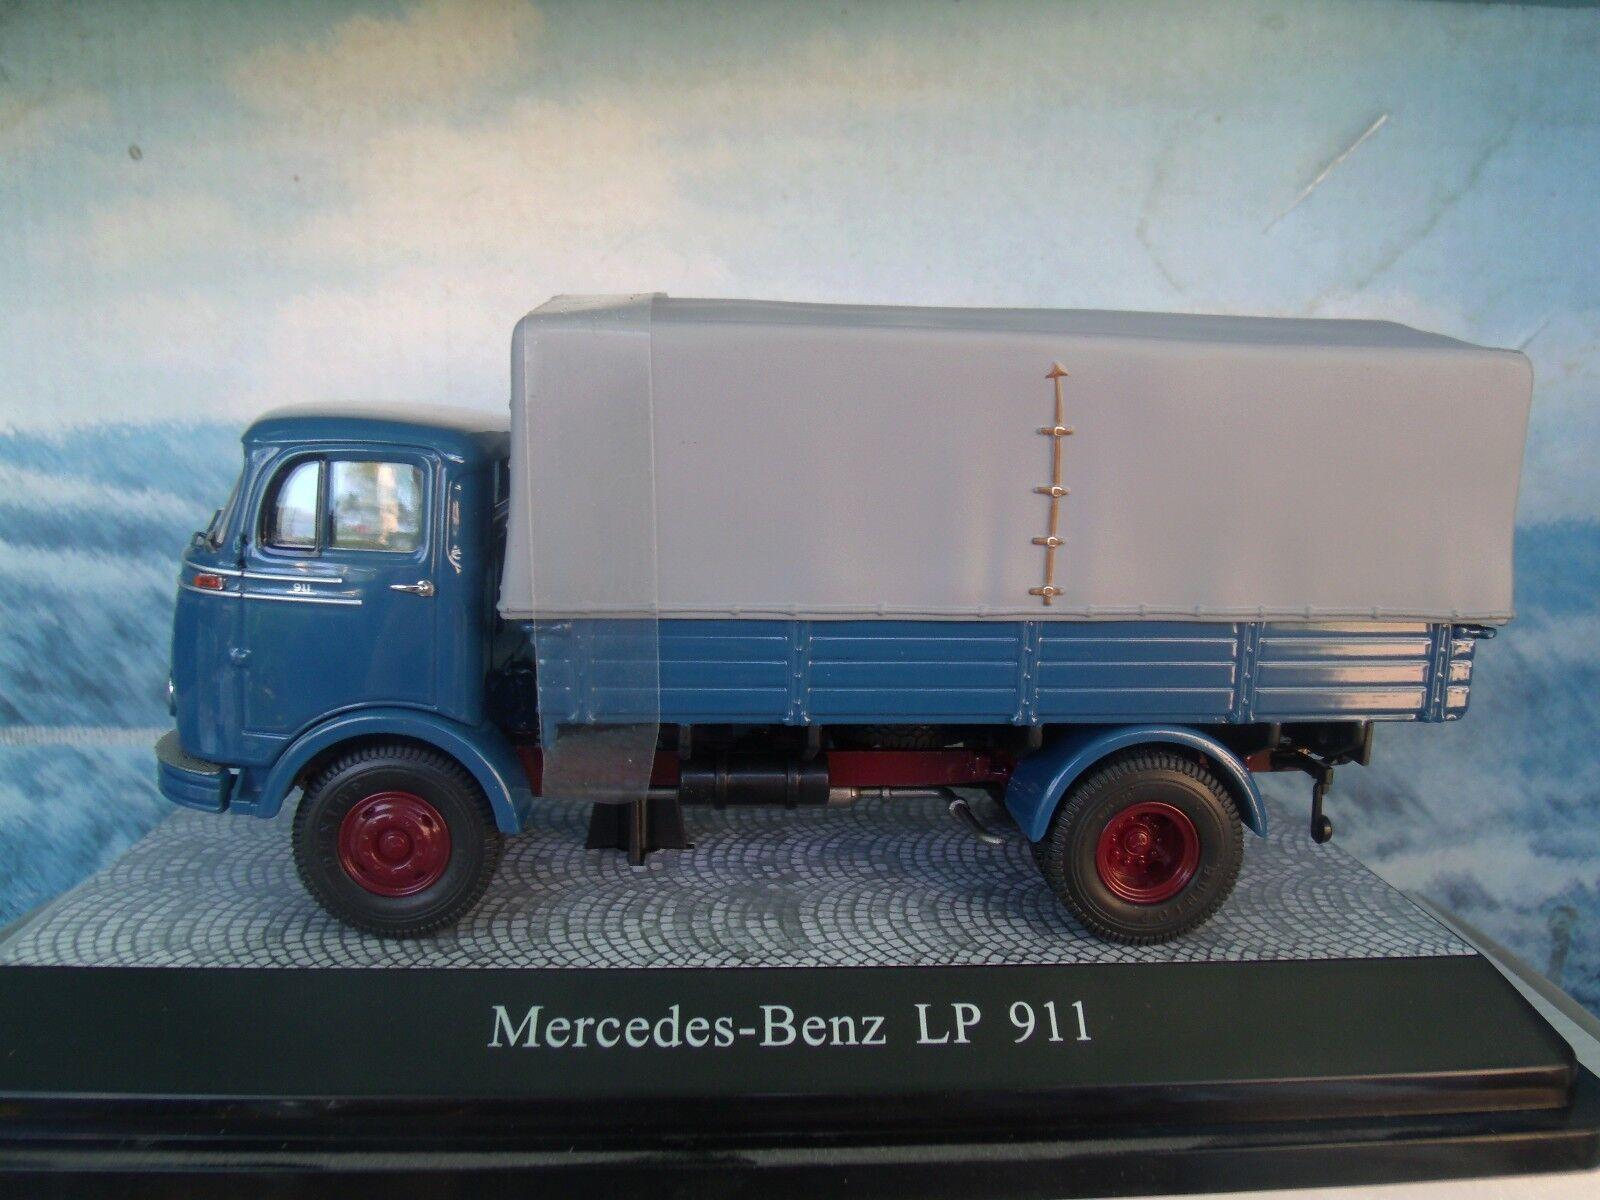 1 43 Premium ClassiXXs (Allemagne) MERCEDES BENZ LP 911 camion Limited 1 of 1000